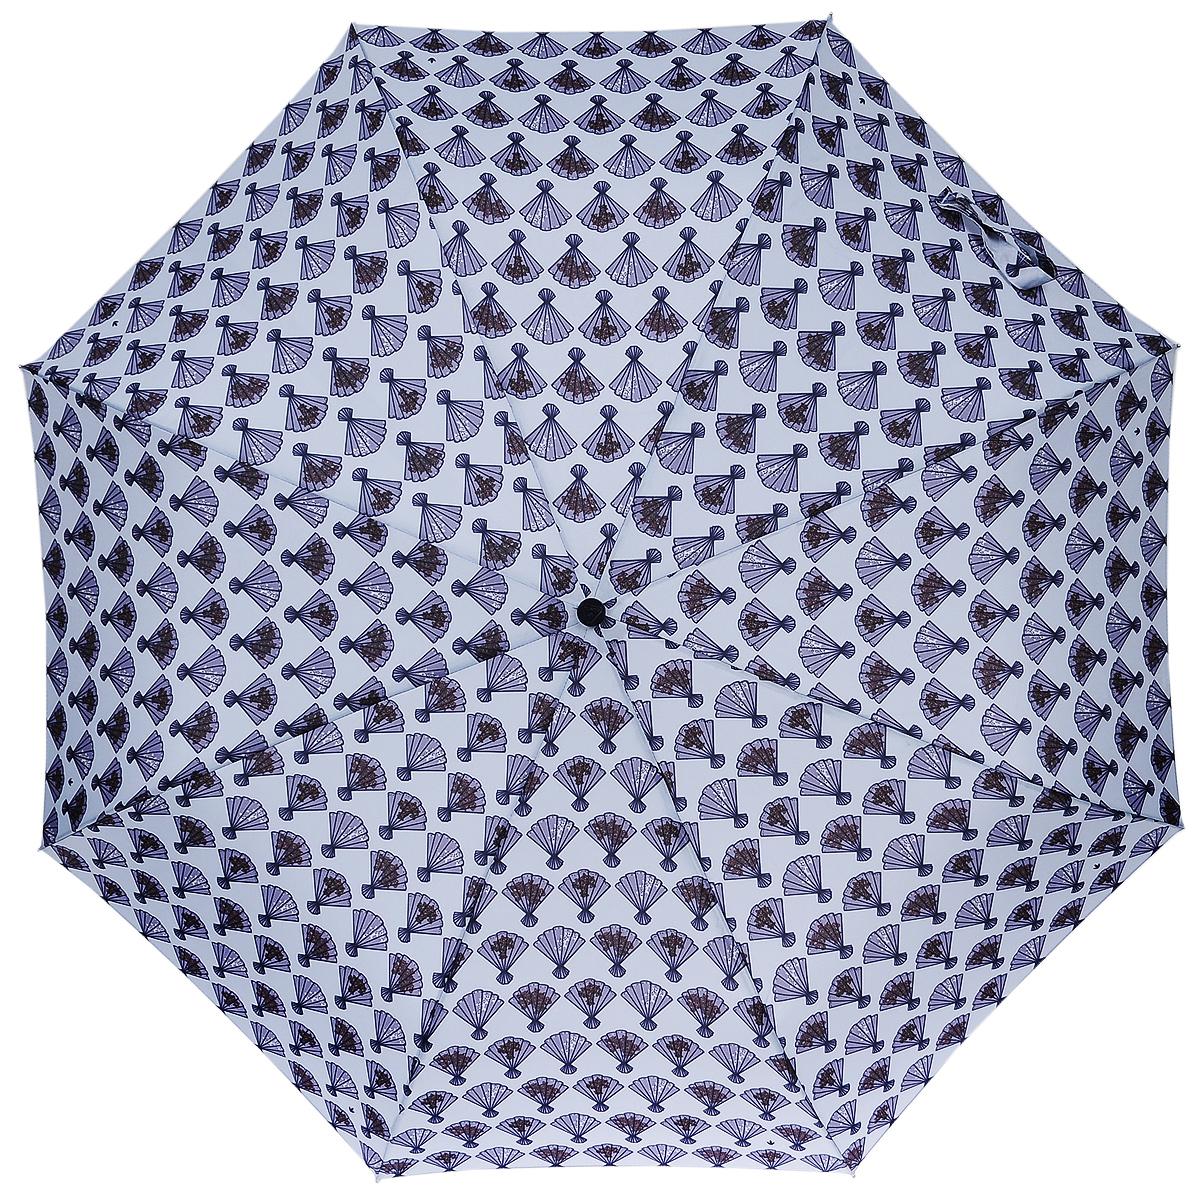 Зонт женский Fulton Flamenco, механический, 3 сложения, цвет: голубой. L354L354 _Серый_ВеераСтильный зонт Fulton Flamenco, защитит от непогоды, а его компактный размер позволит вам всегда носить его с собой. Ветростойкий алюминиевый каркас в 3 сложения состоит из восьми спиц с элементами из фибергласса, зонт оснащен удобной рукояткой из прорезиненного пластика. Купол зонта выполнен из прочного полиэстера и оформлен принтом. На рукоятке для удобства есть небольшой шнурок, позволяющий надеть зонт на руку тогда, когда это будет необходимо. К зонту прилагается чехол. Зонт механического сложения: купол открывается и закрывается вручную, стержень также складывается вручную до характерного щелчка. Характеристики: Материал: алюминий, фибергласс, пластик, полиэстер. Длина зонта в сложенном виде: 24 см. Длина ручки (стержня) в раскрытом виде: 54 см.